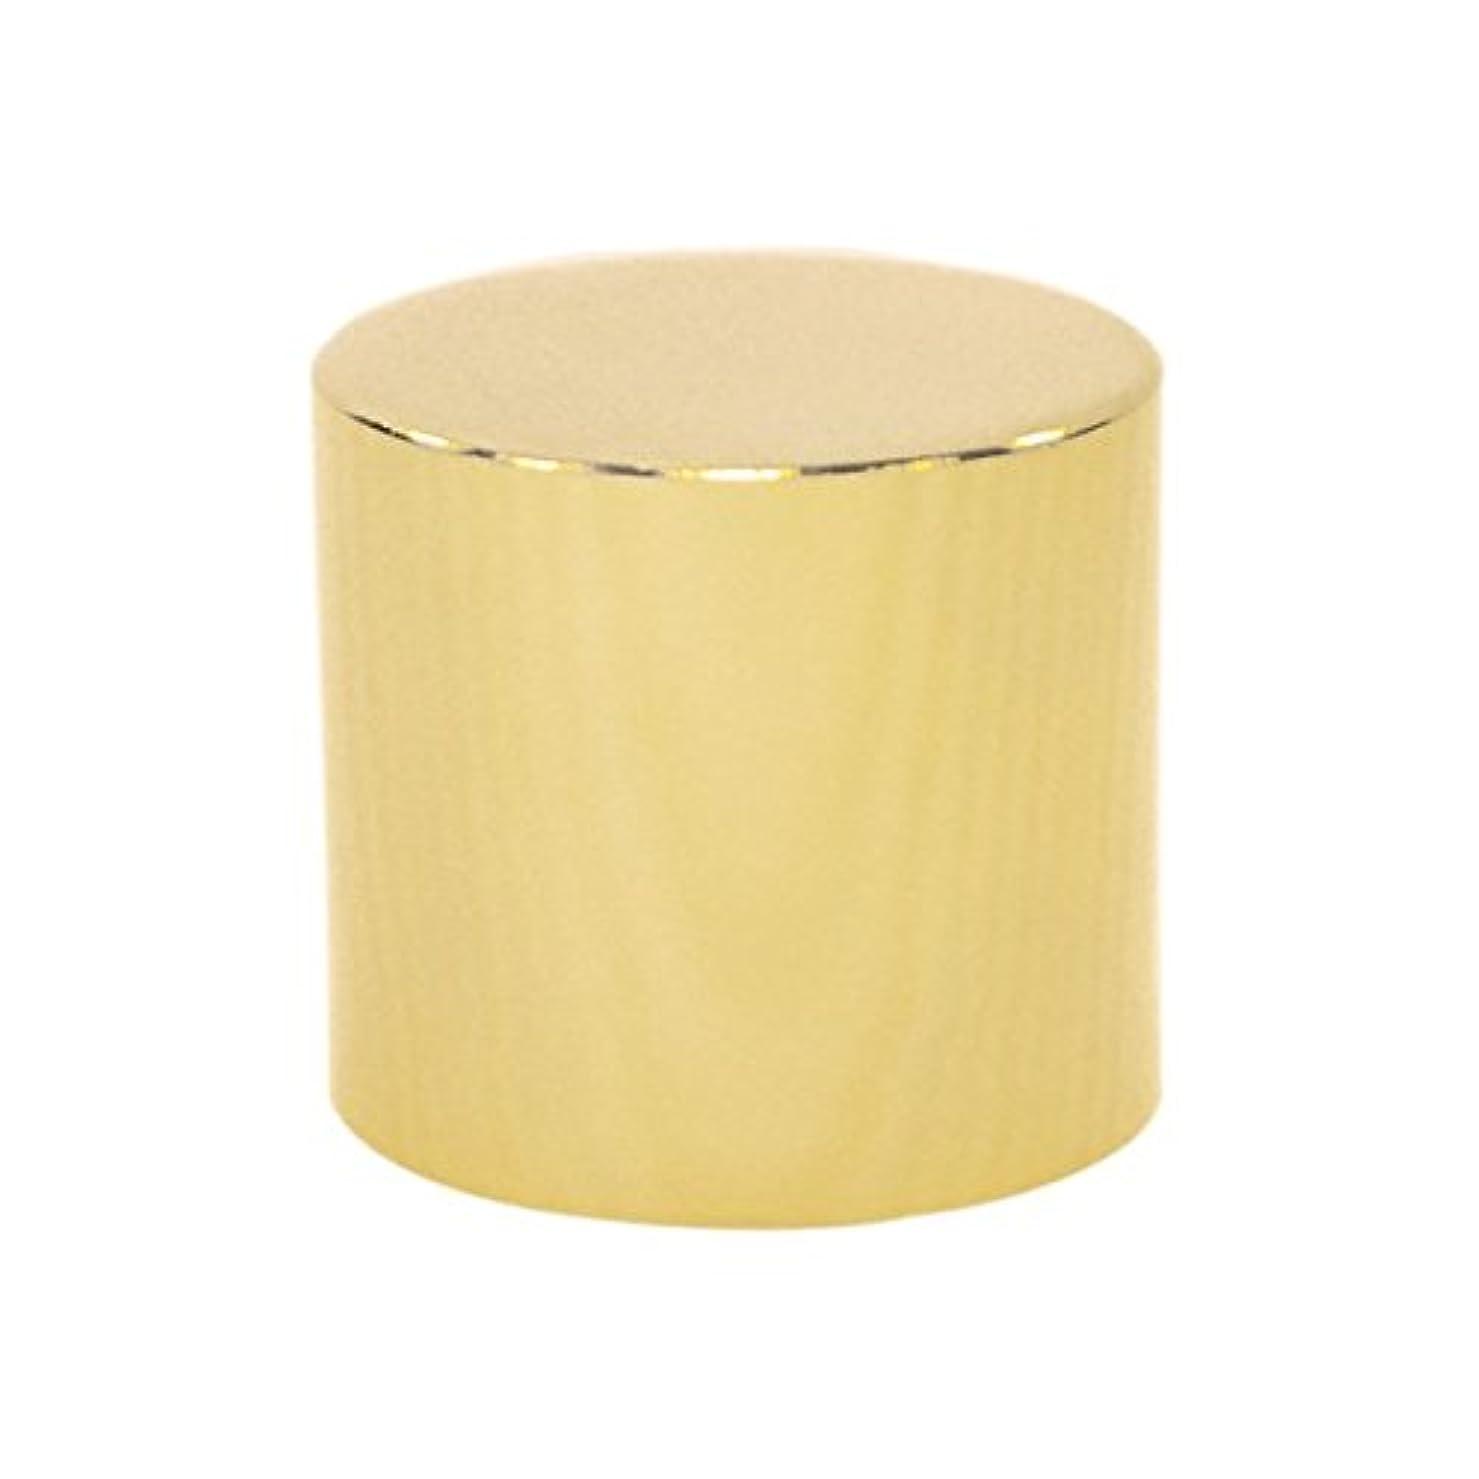 ランプベルジェ(LAMPE BERGER)消火キャップ【正規輸入品】密閉蓋ゴールド